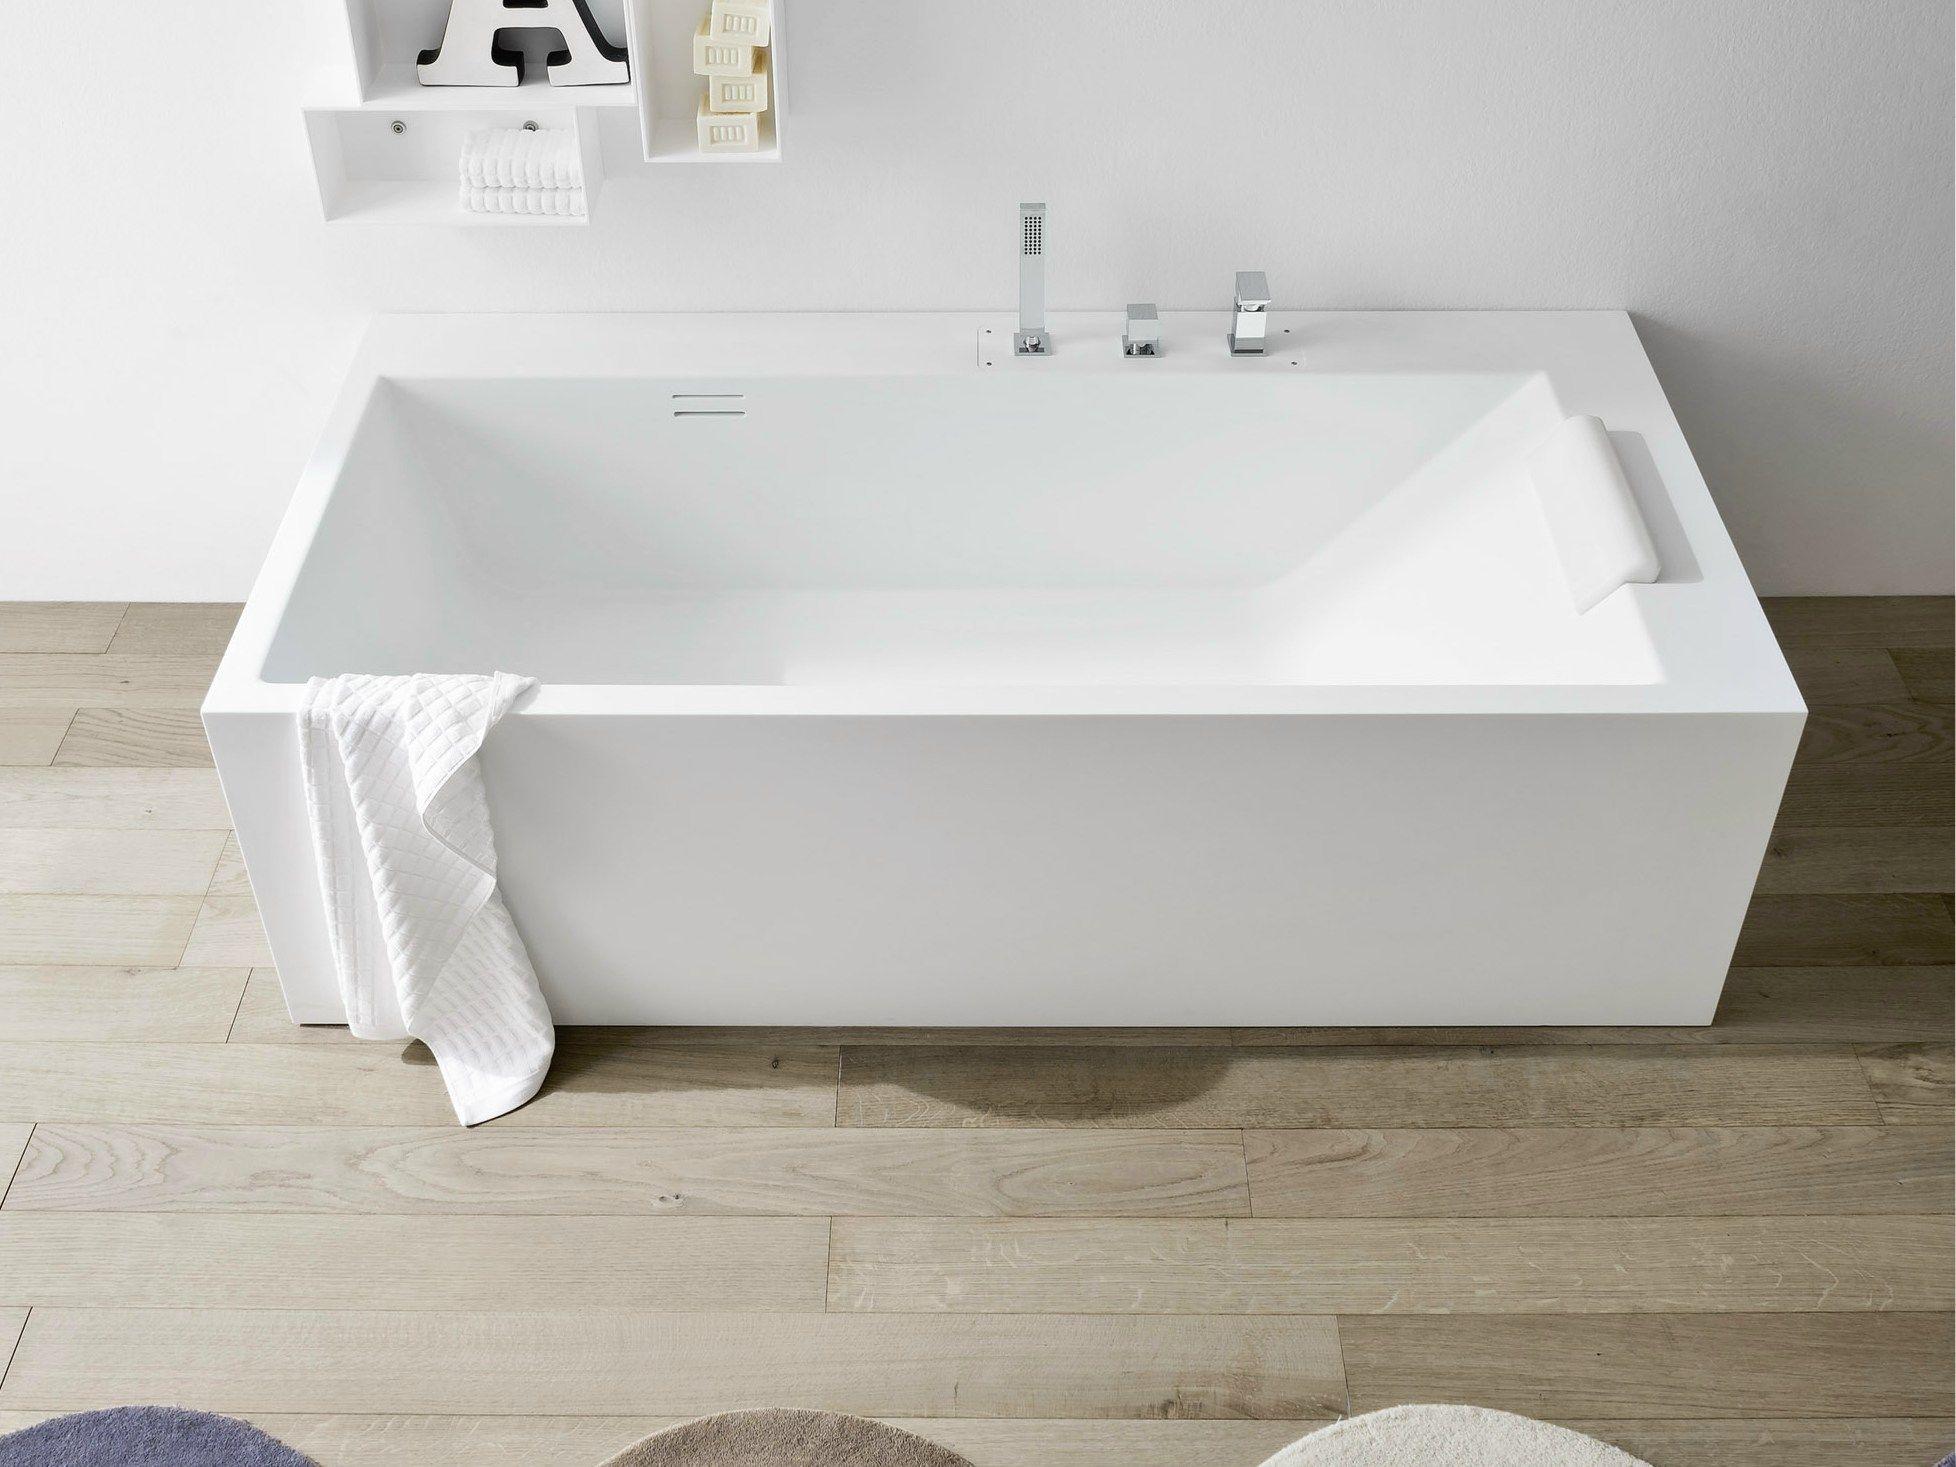 Mini vasca da bagno kw56 regardsdefemmes - Vasca da bagno in inglese ...